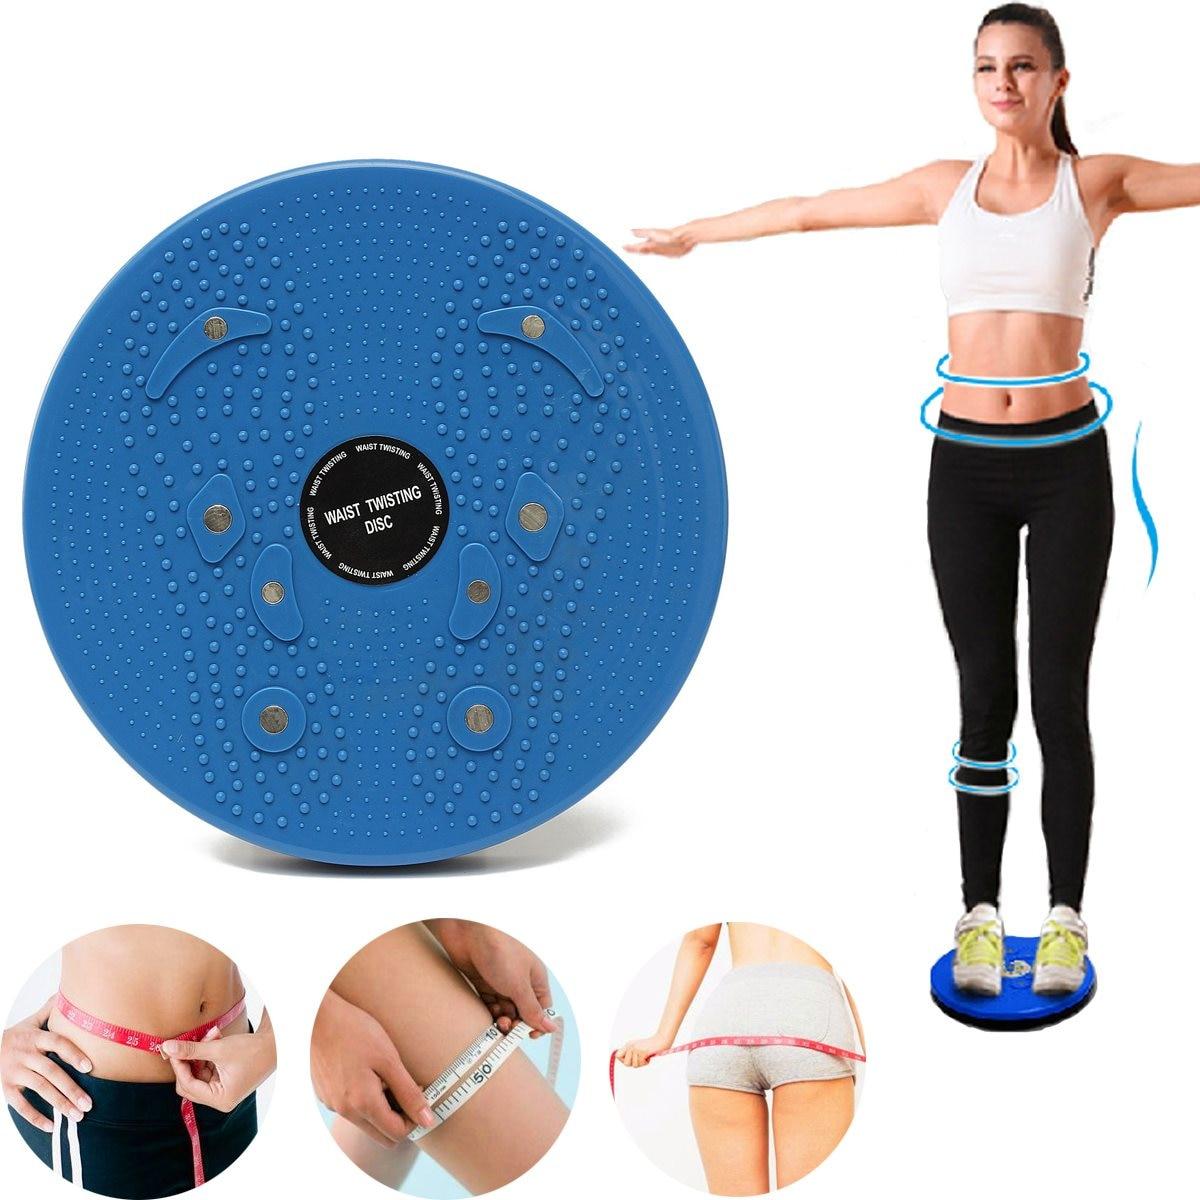 Диск здоровья для похудения — отзывы о занятиях. упражнения с диском здоровья для похудения, видео